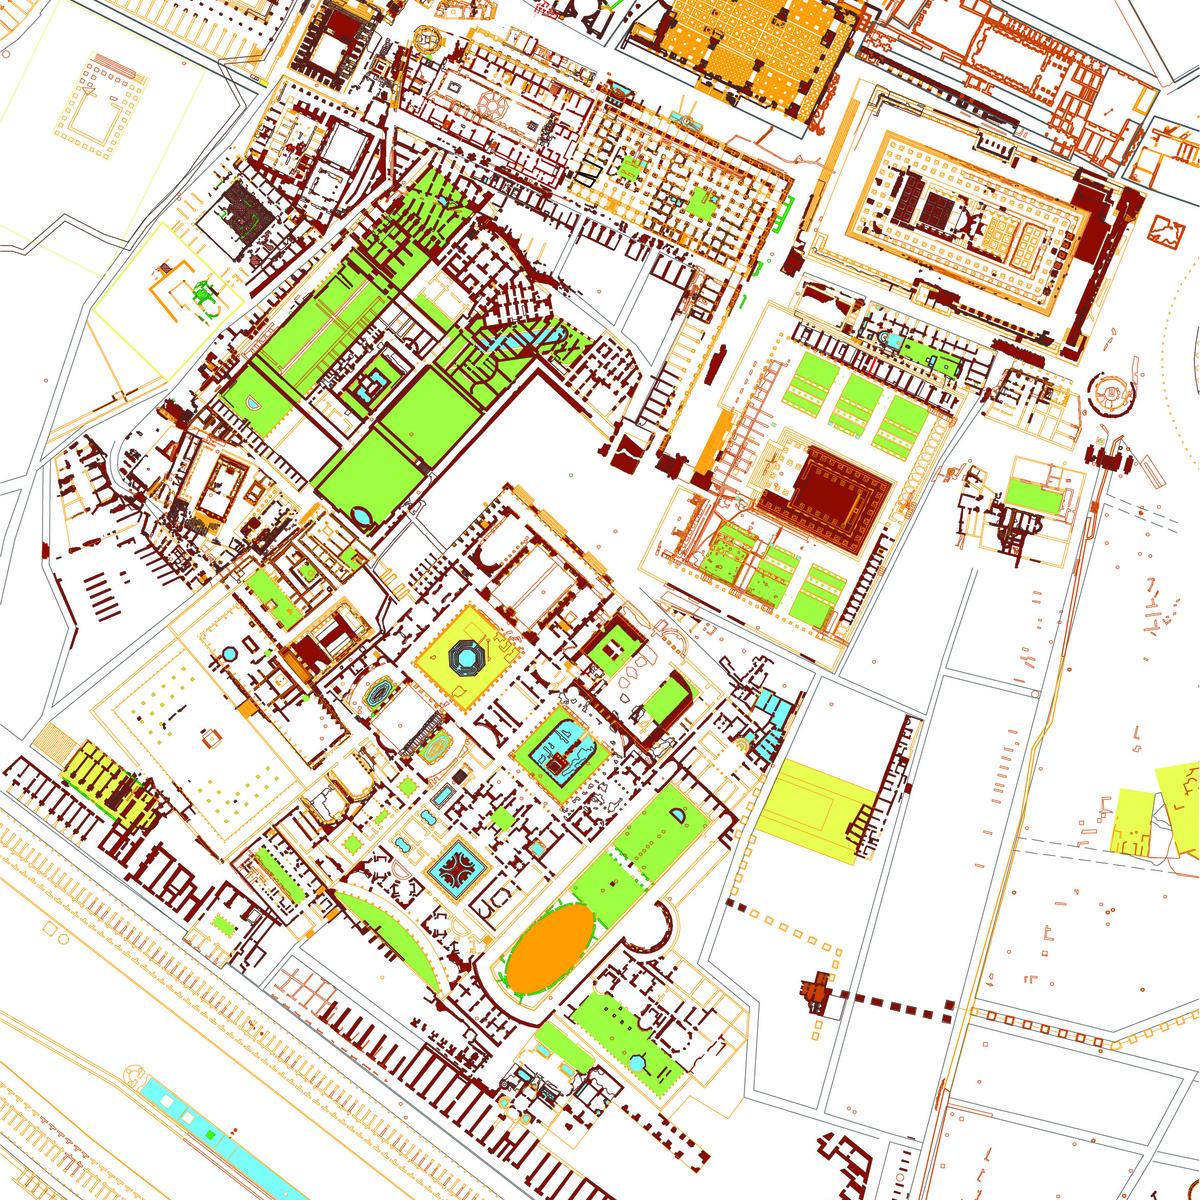 Paesaggi di Roma Antica. Archeologia e storia del Palatino. course image